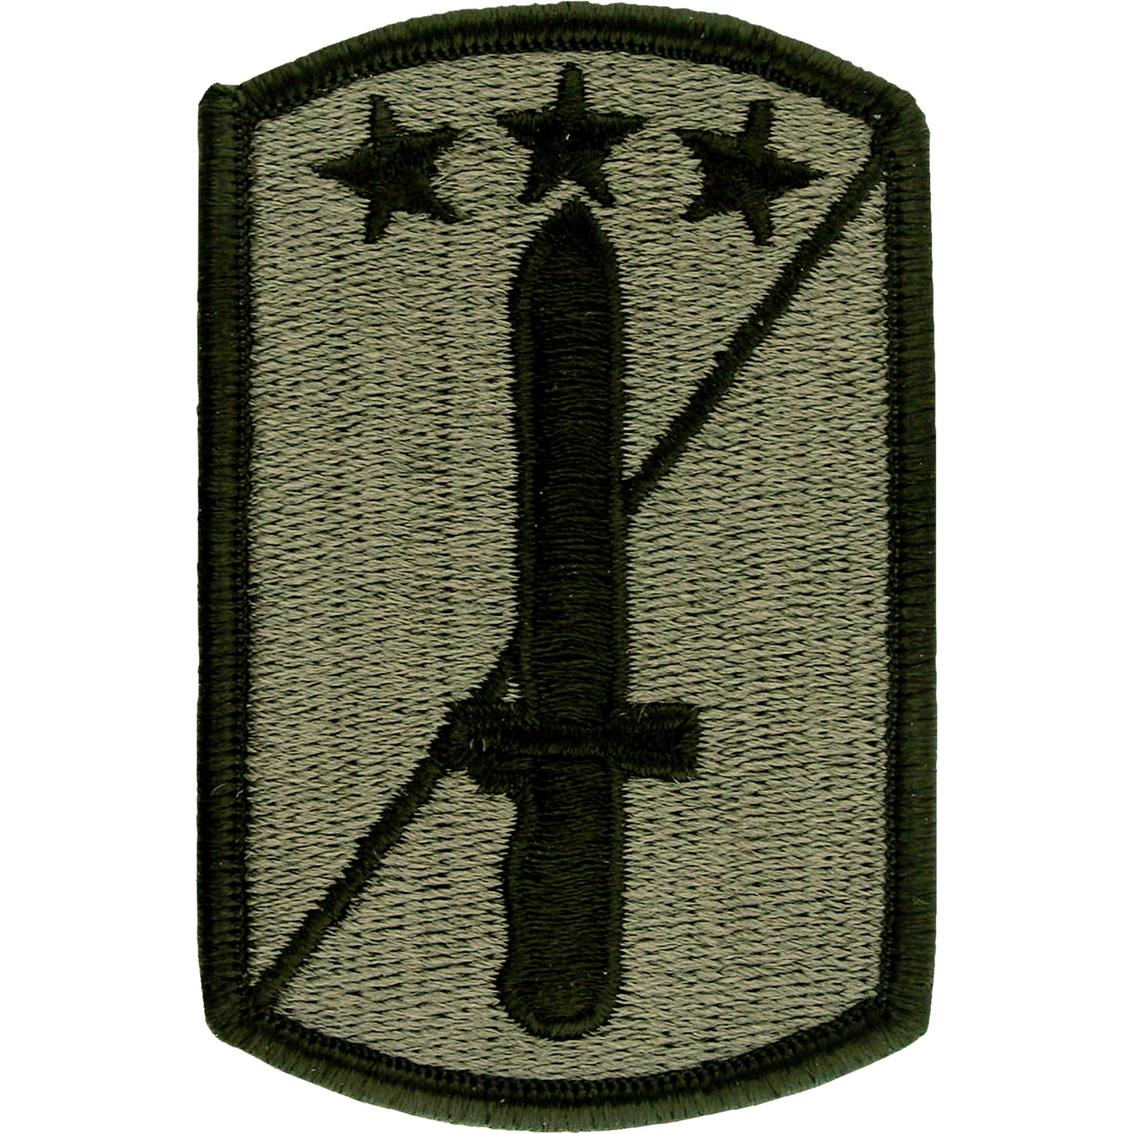 170th infantry brigade wikidata.